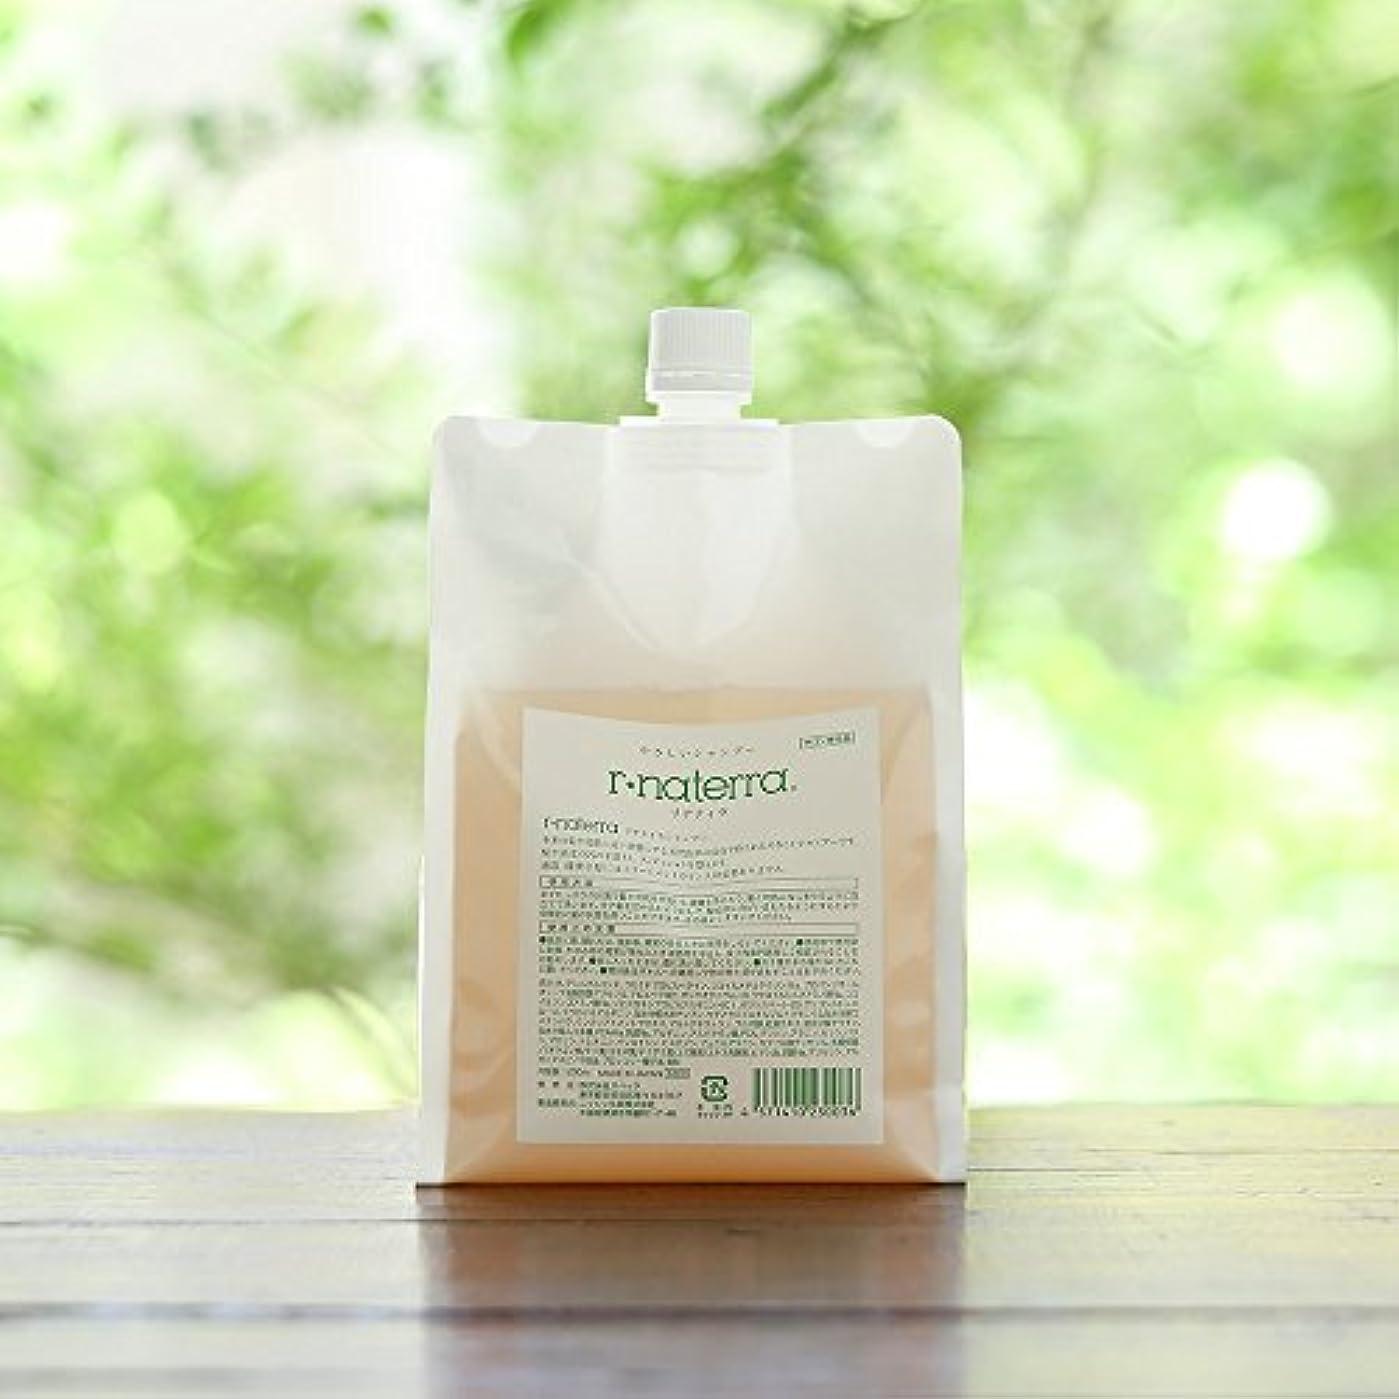 禁止明るくする修正する植物由来オールインワン自然派シャンプー リナティラ 1000ml ※フルボ酸シャンプー(ノンシリコン)